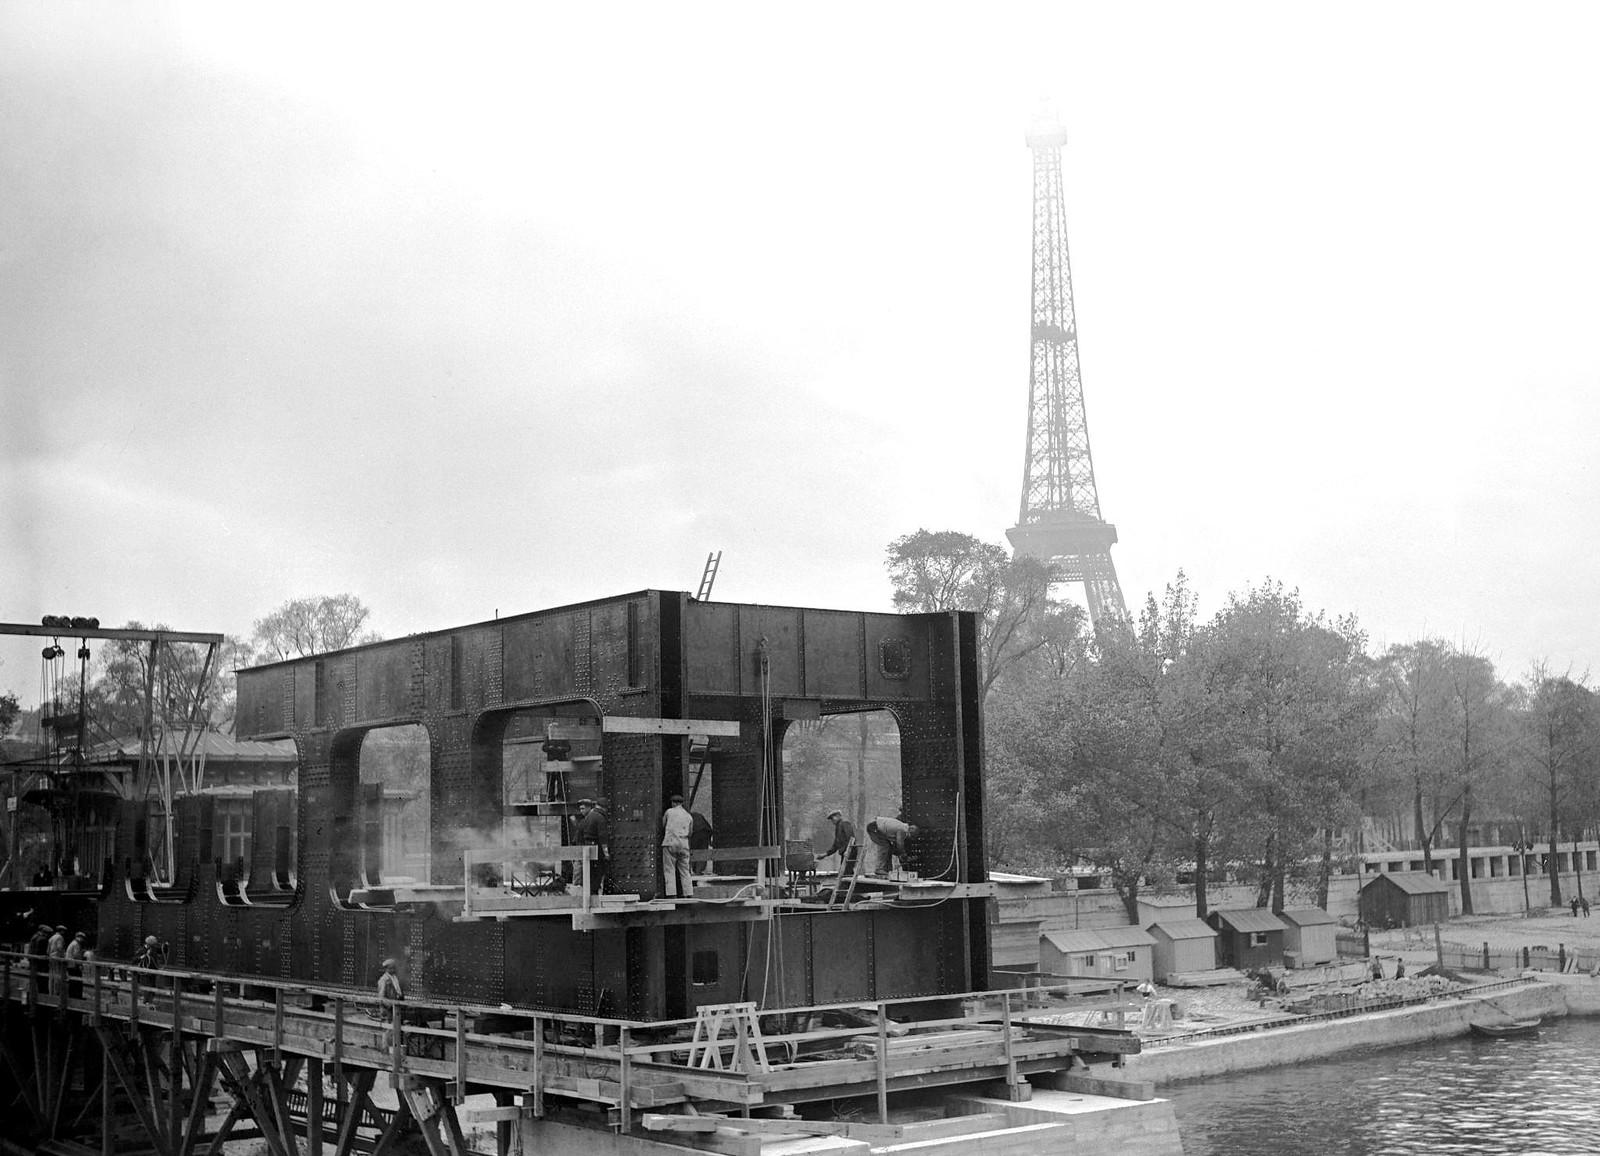 13. 1936. Строительство пешеходного моста возле моста Альма, на заднем плане Эйфелева башня, 19 октября